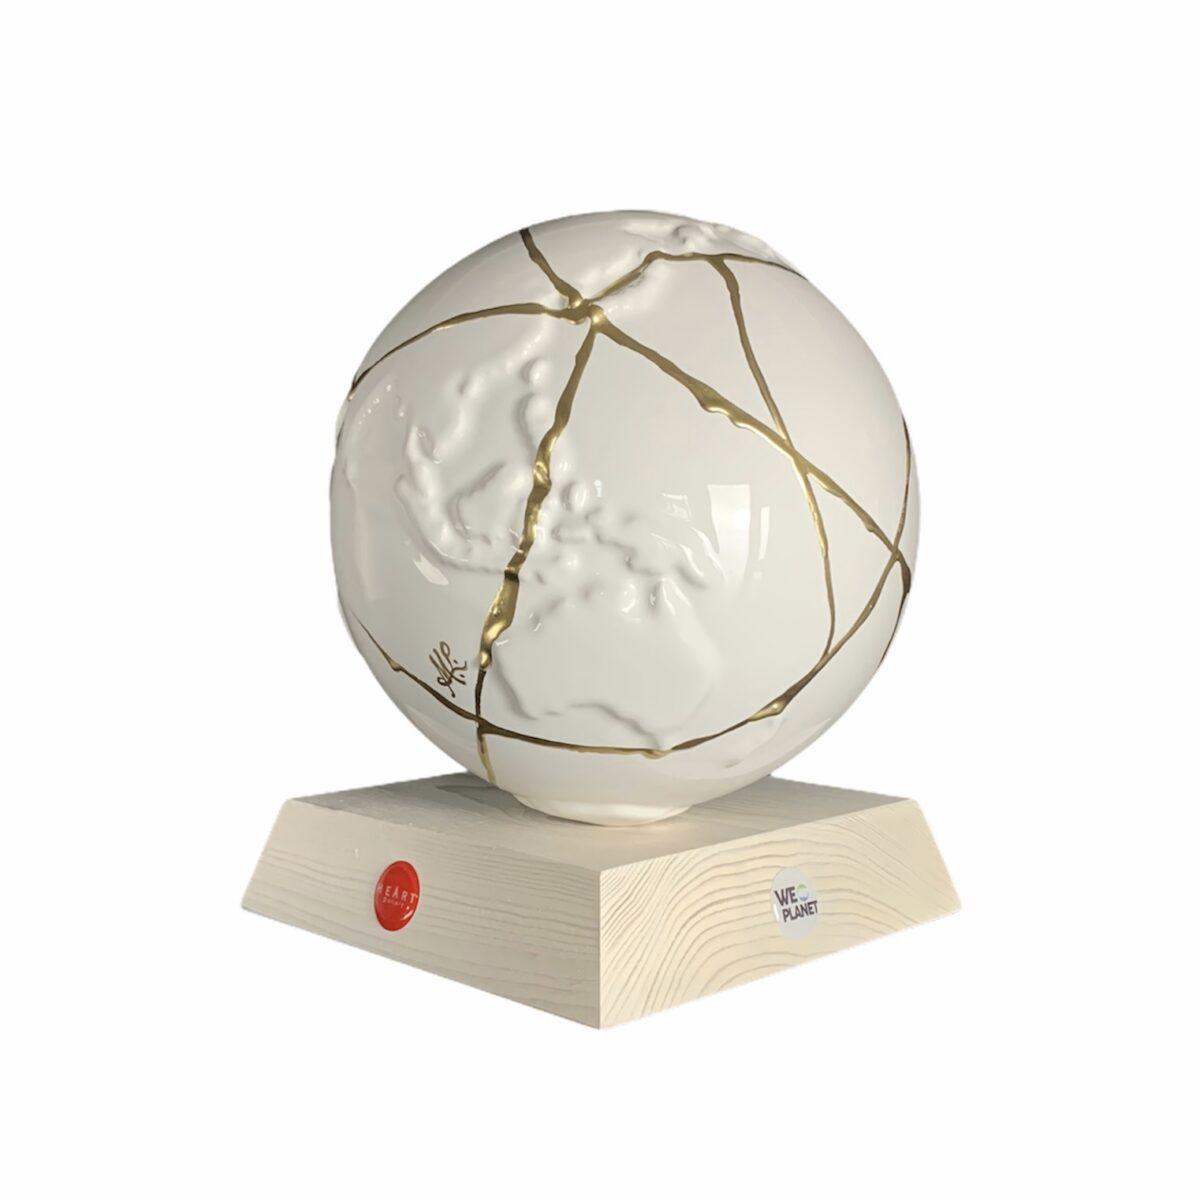 oggetto decorativo a forma di pianeta terra bianco rotto e riparato con venature dorate kintusugi